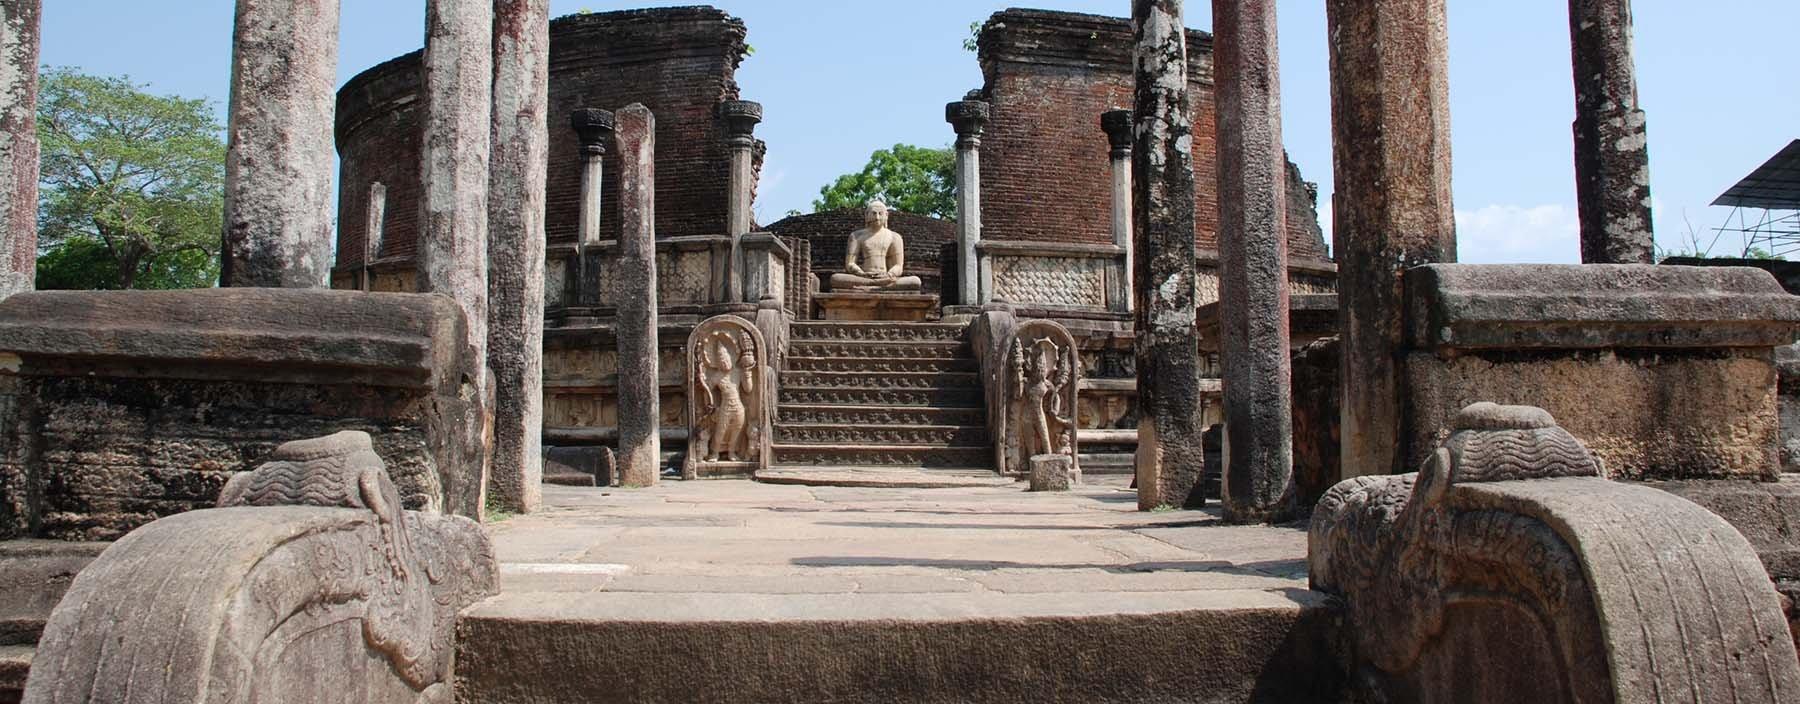 sri lanka, polonnaruwa (15).jpg